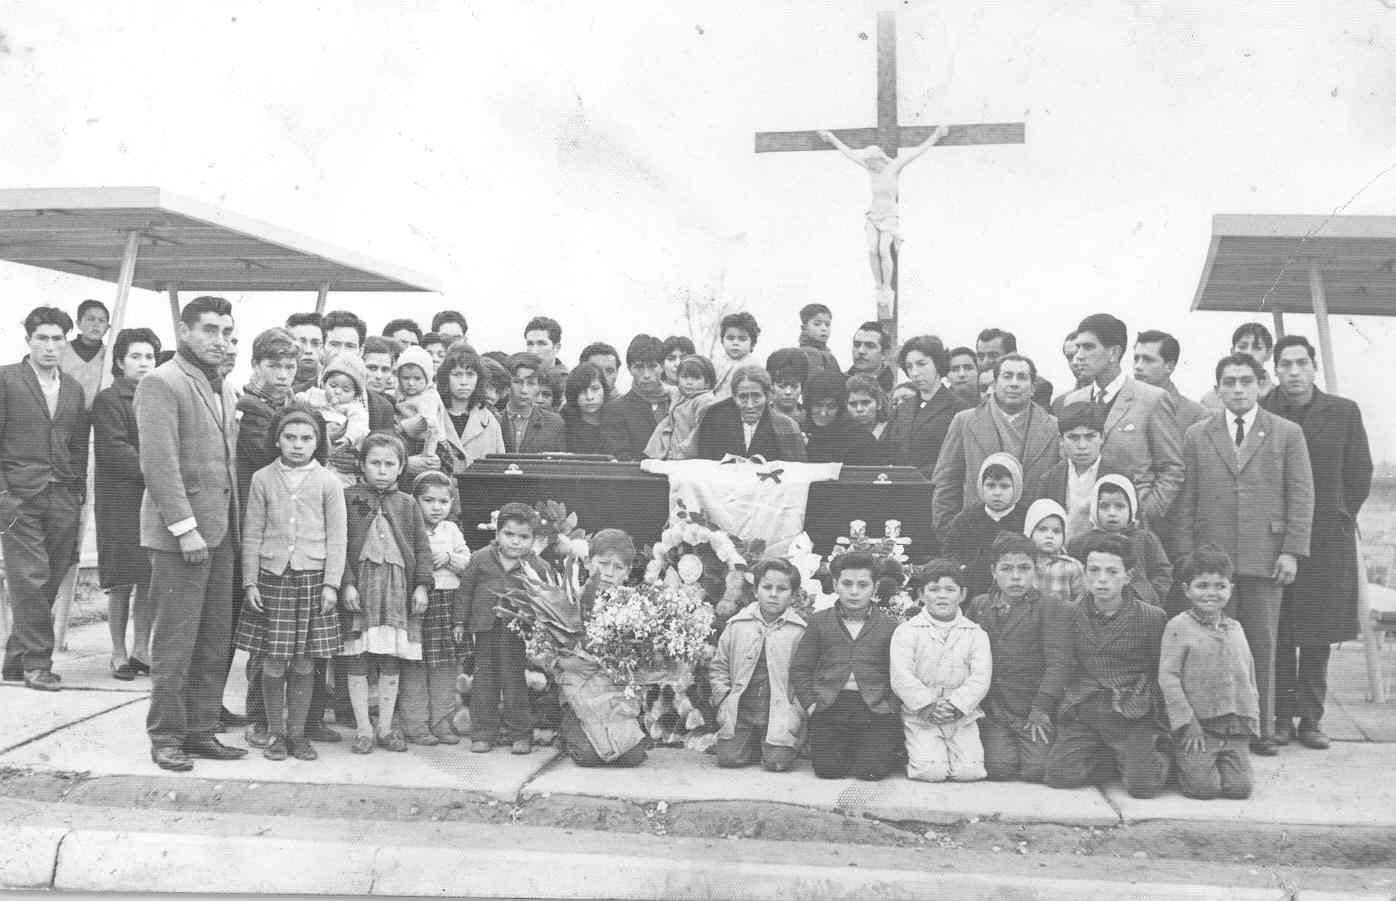 Enterreno - Fotos históricas de chile - fotos antiguas de Chile - Funeral en el Cementerio Metropolitano, 1964